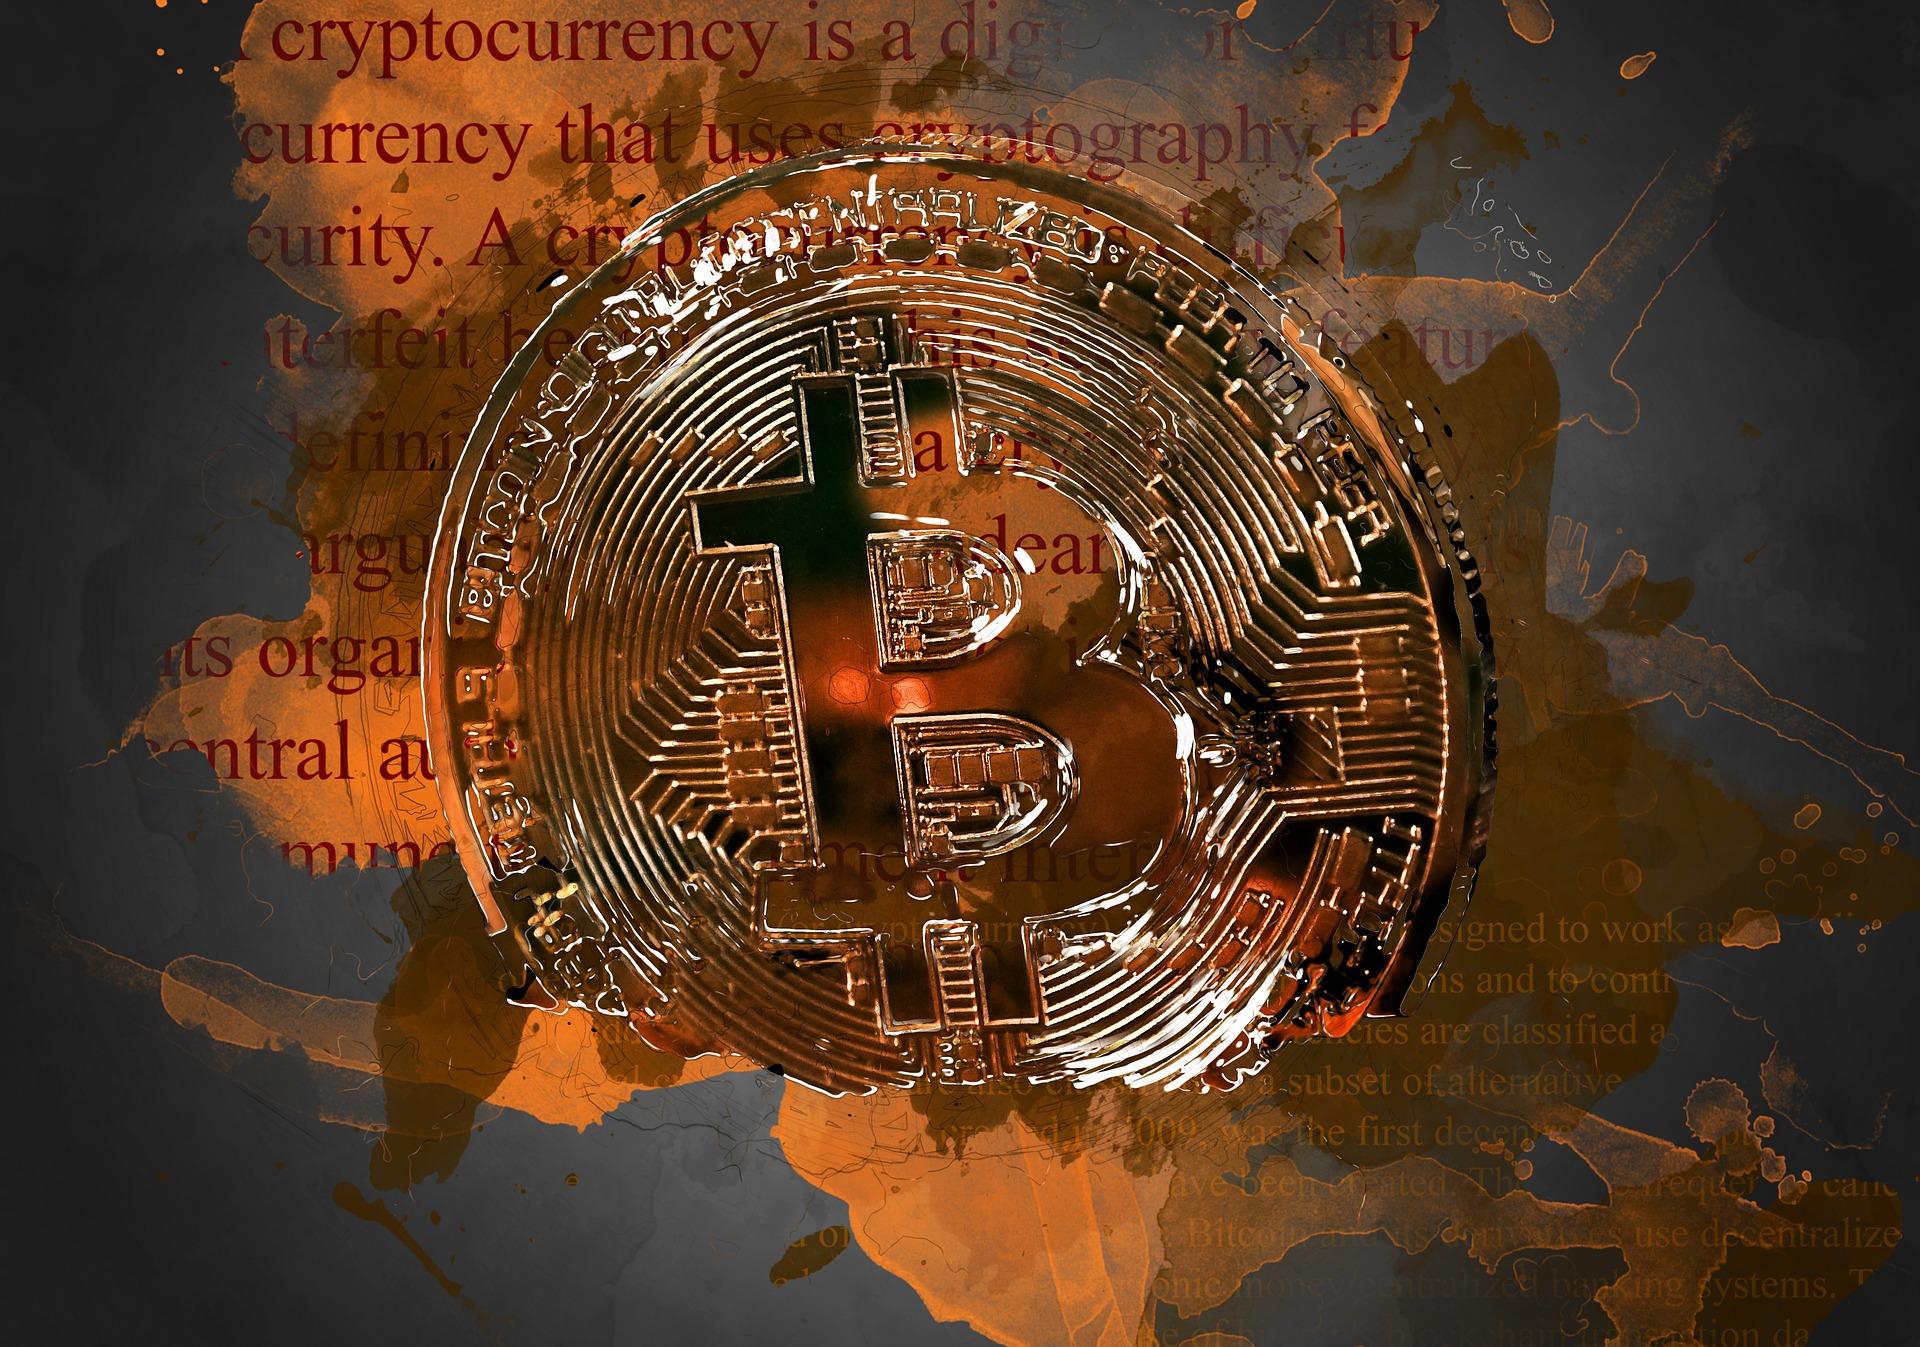 Anstieg der Währung bei Bitcoin Superstar